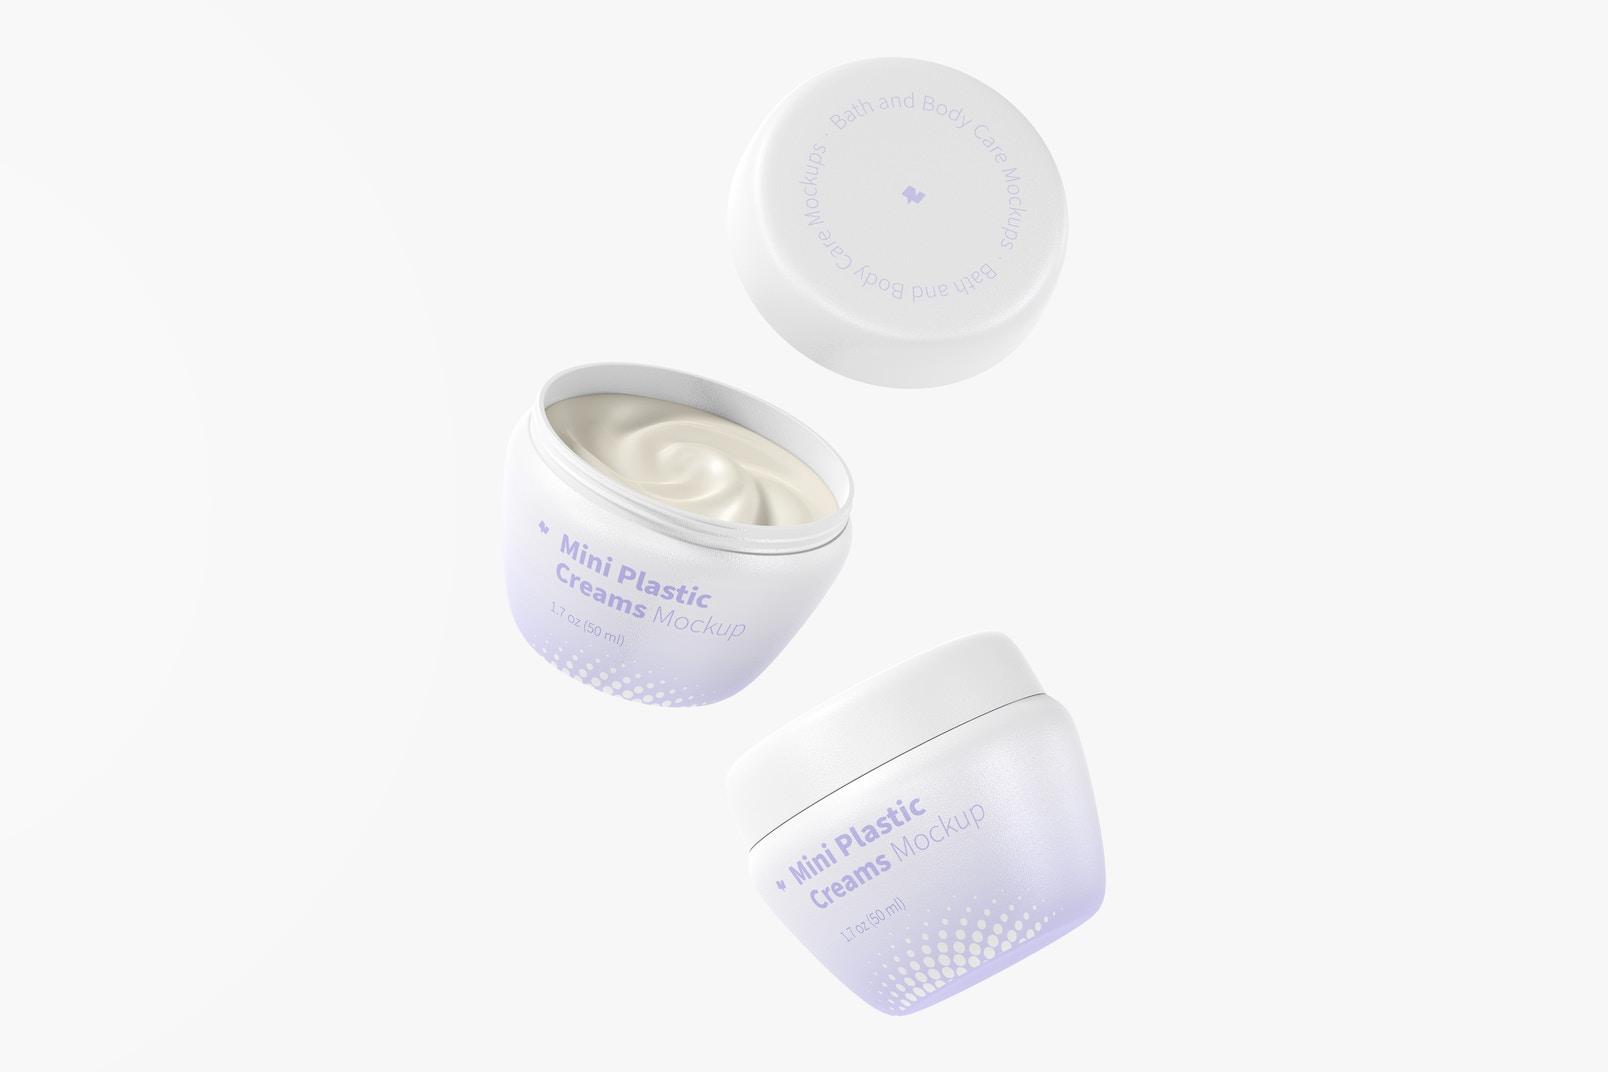 Mini Plastic Cream Jars with Lid Mockup, Floating